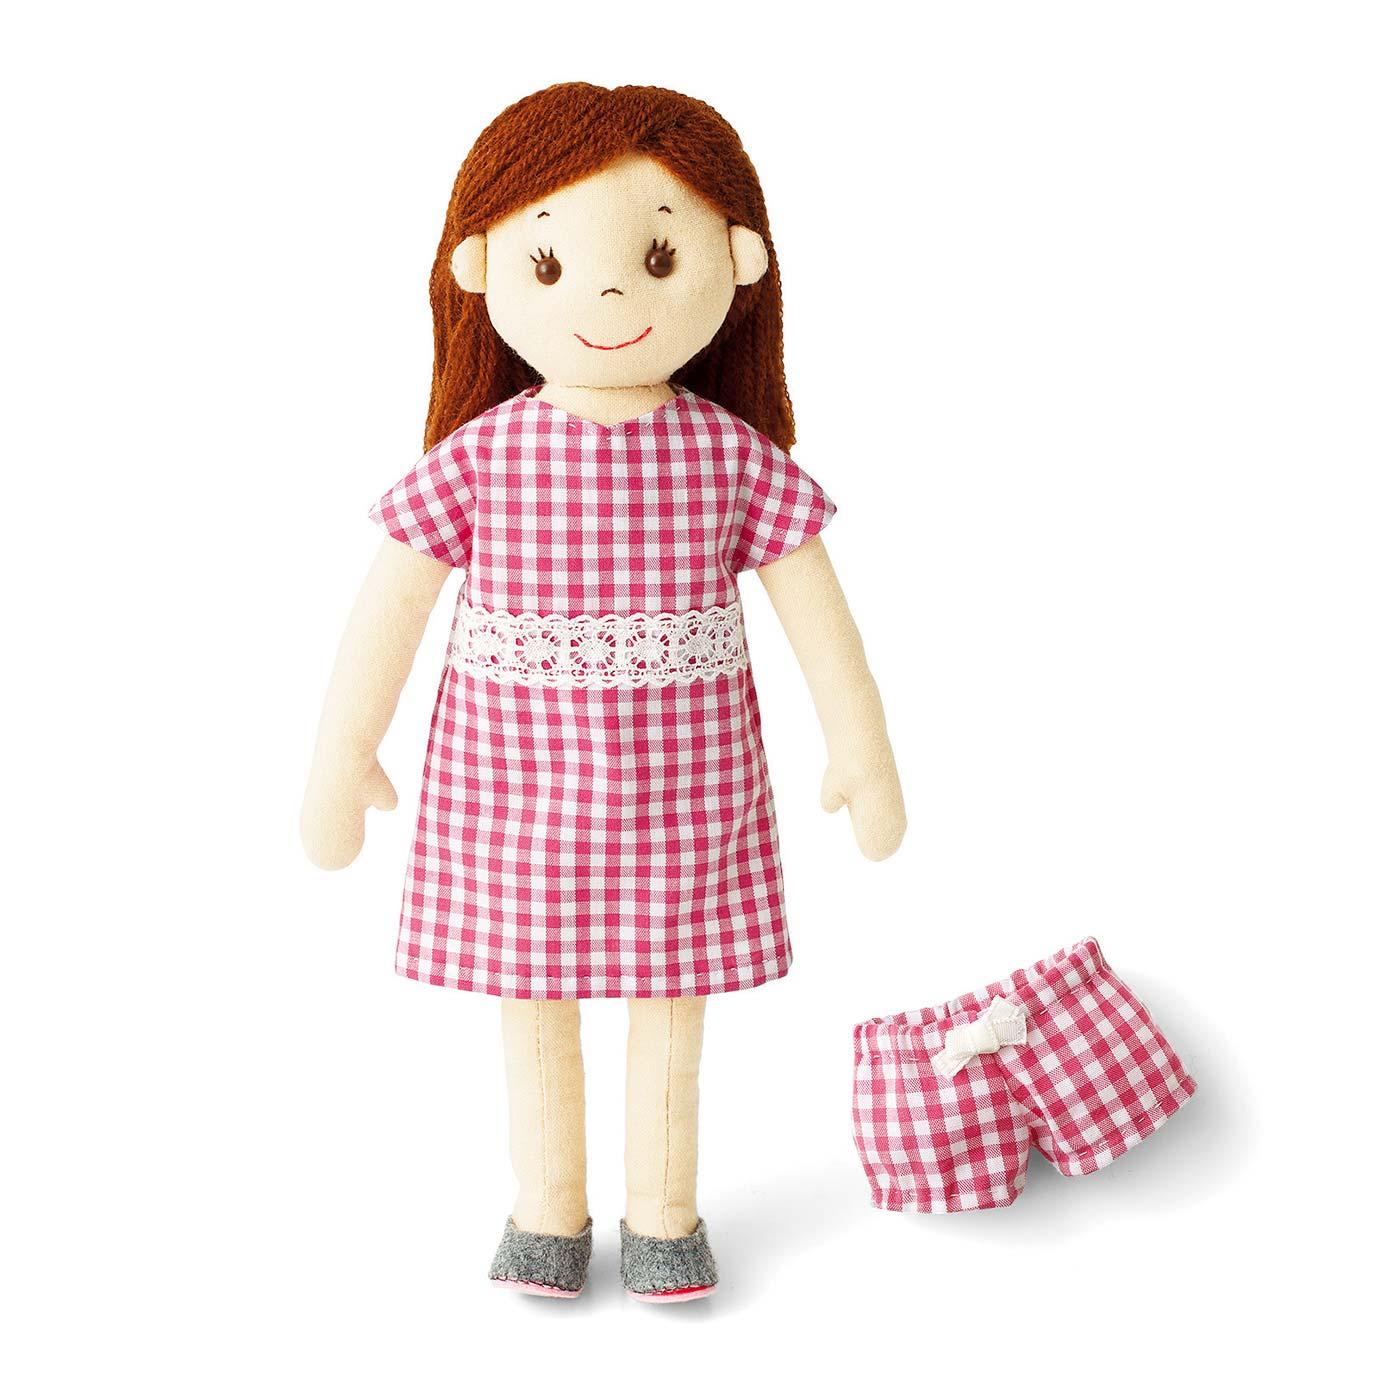 お人形のほかワンピースとパンツ、靴も作れます。